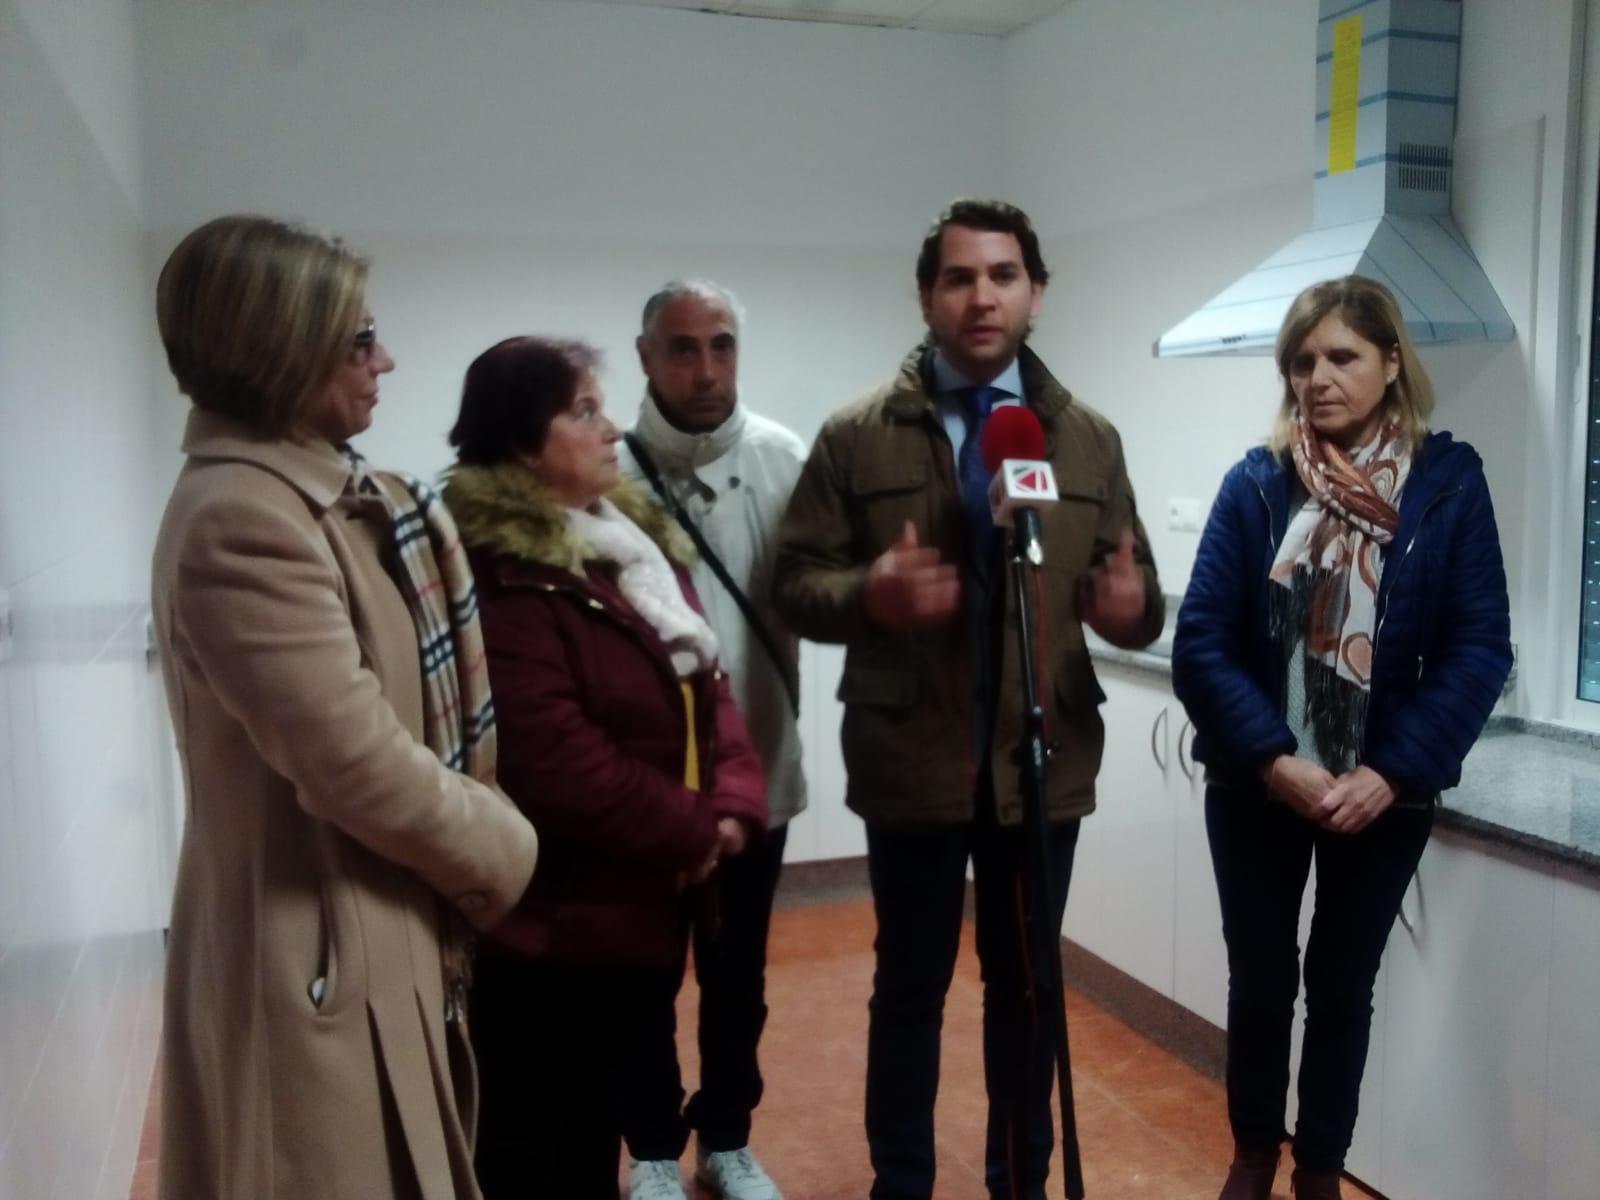 El Centro Social de la Urbanización Blas Infante cuenta ya con una infraestructura básica de cocina